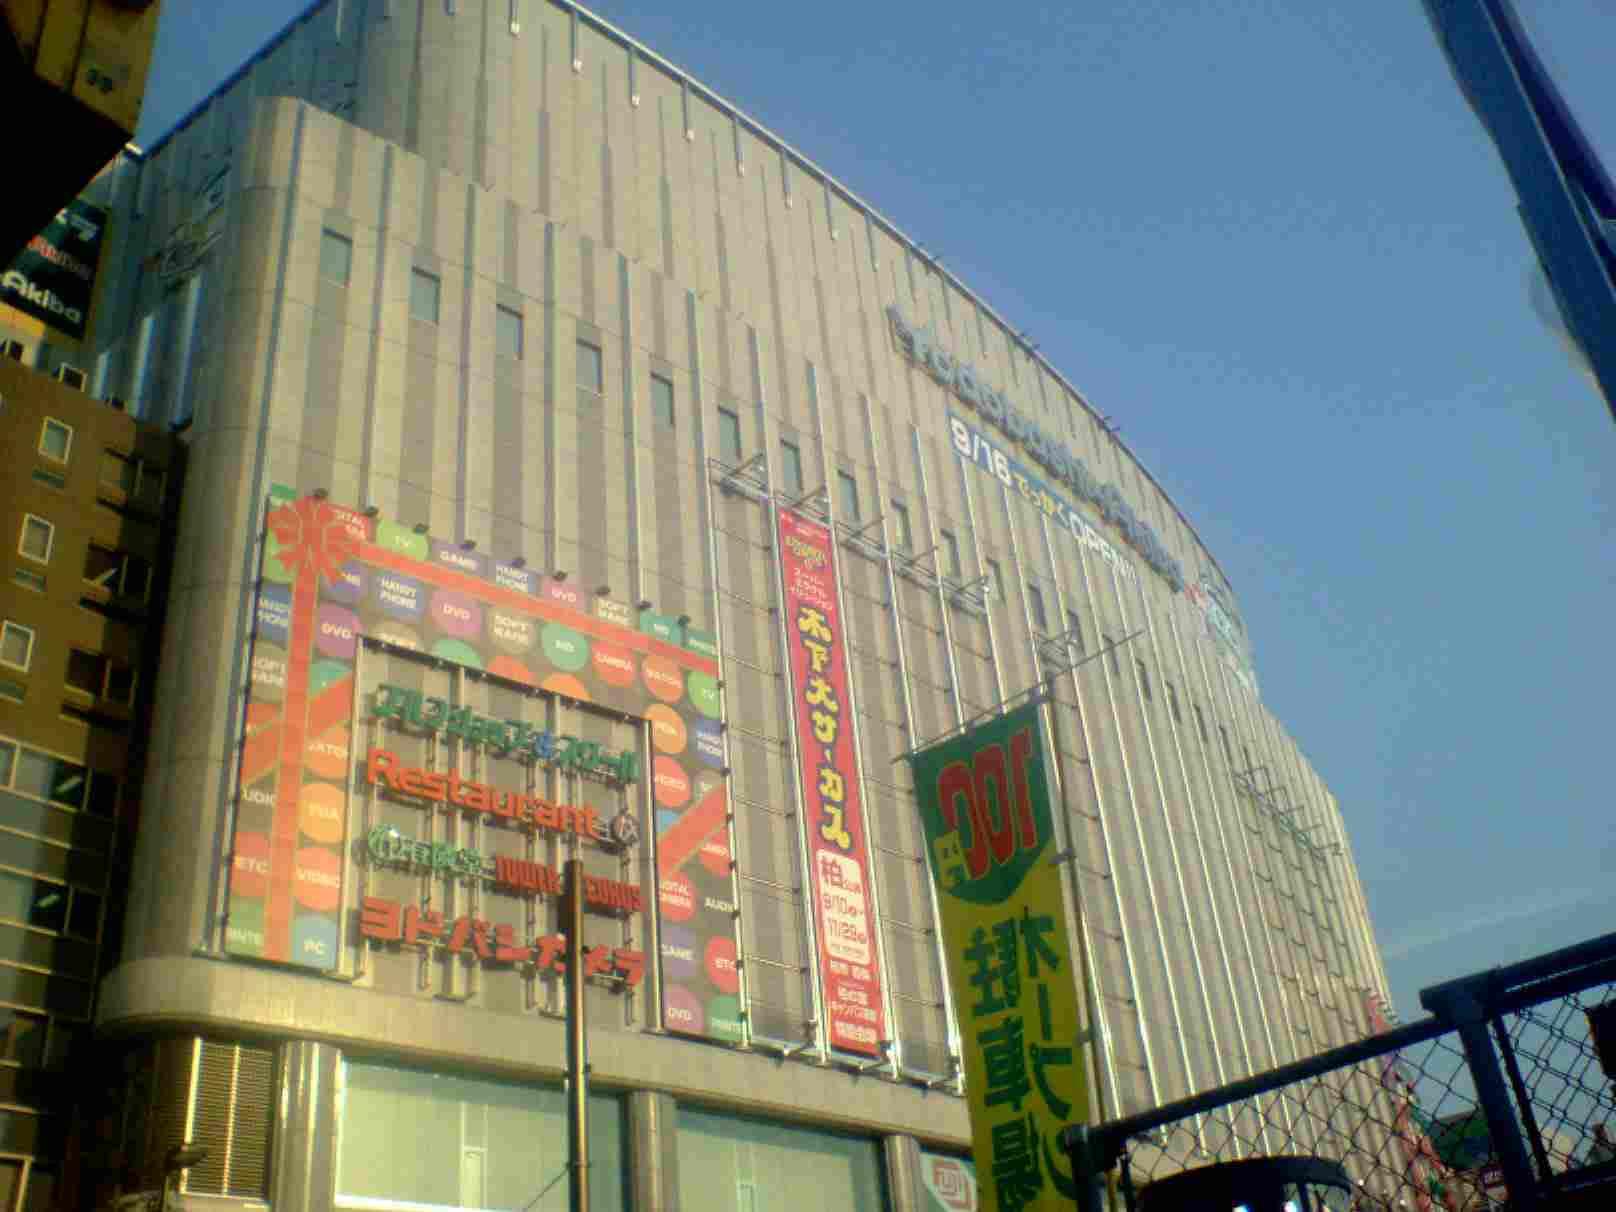 ヨドバシカメラ 秋葉原店